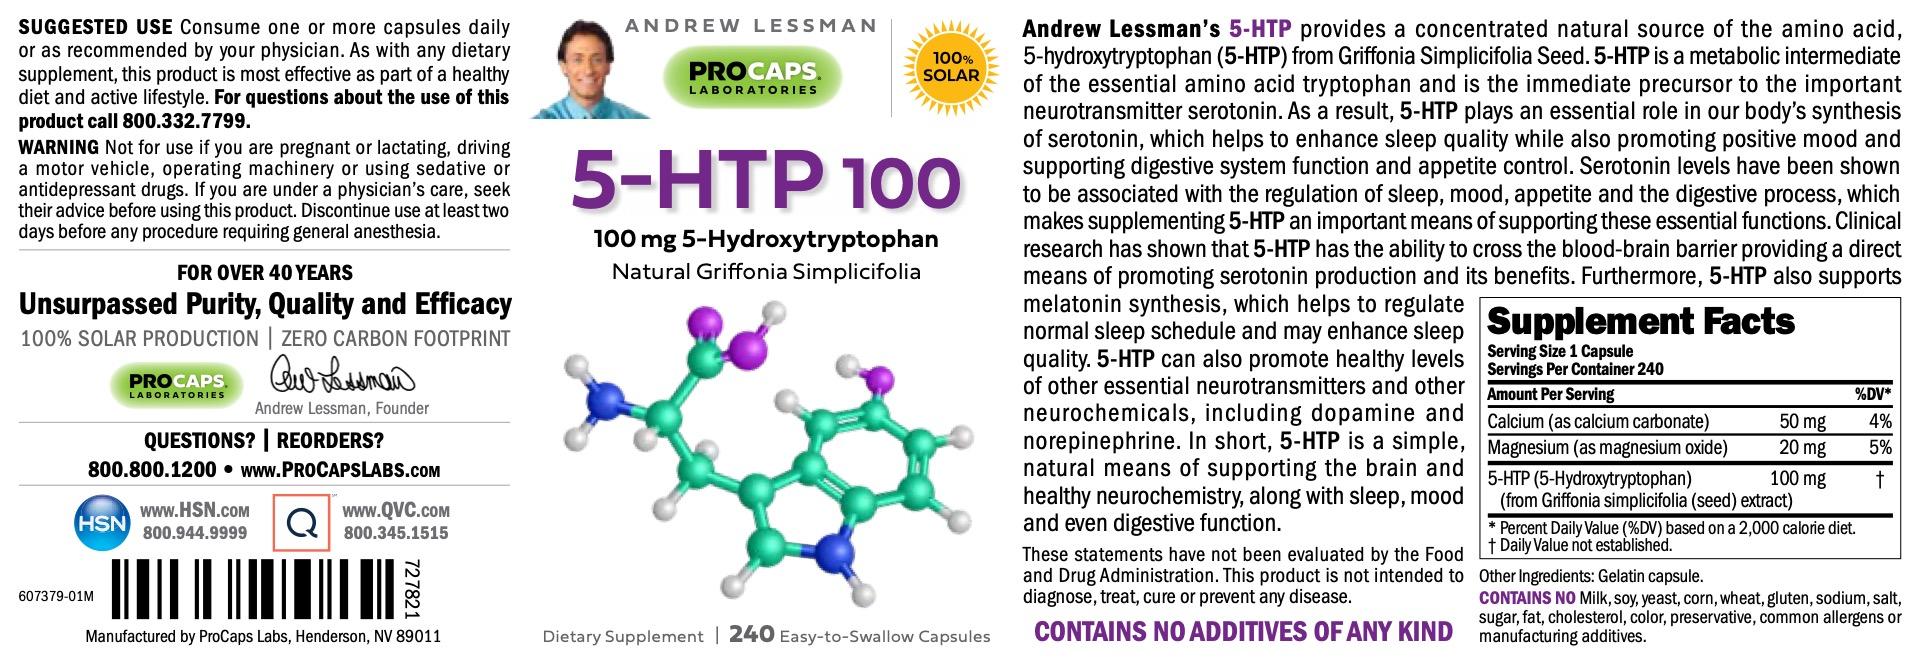 5-HTP-100-Capsules-Amino-Acids